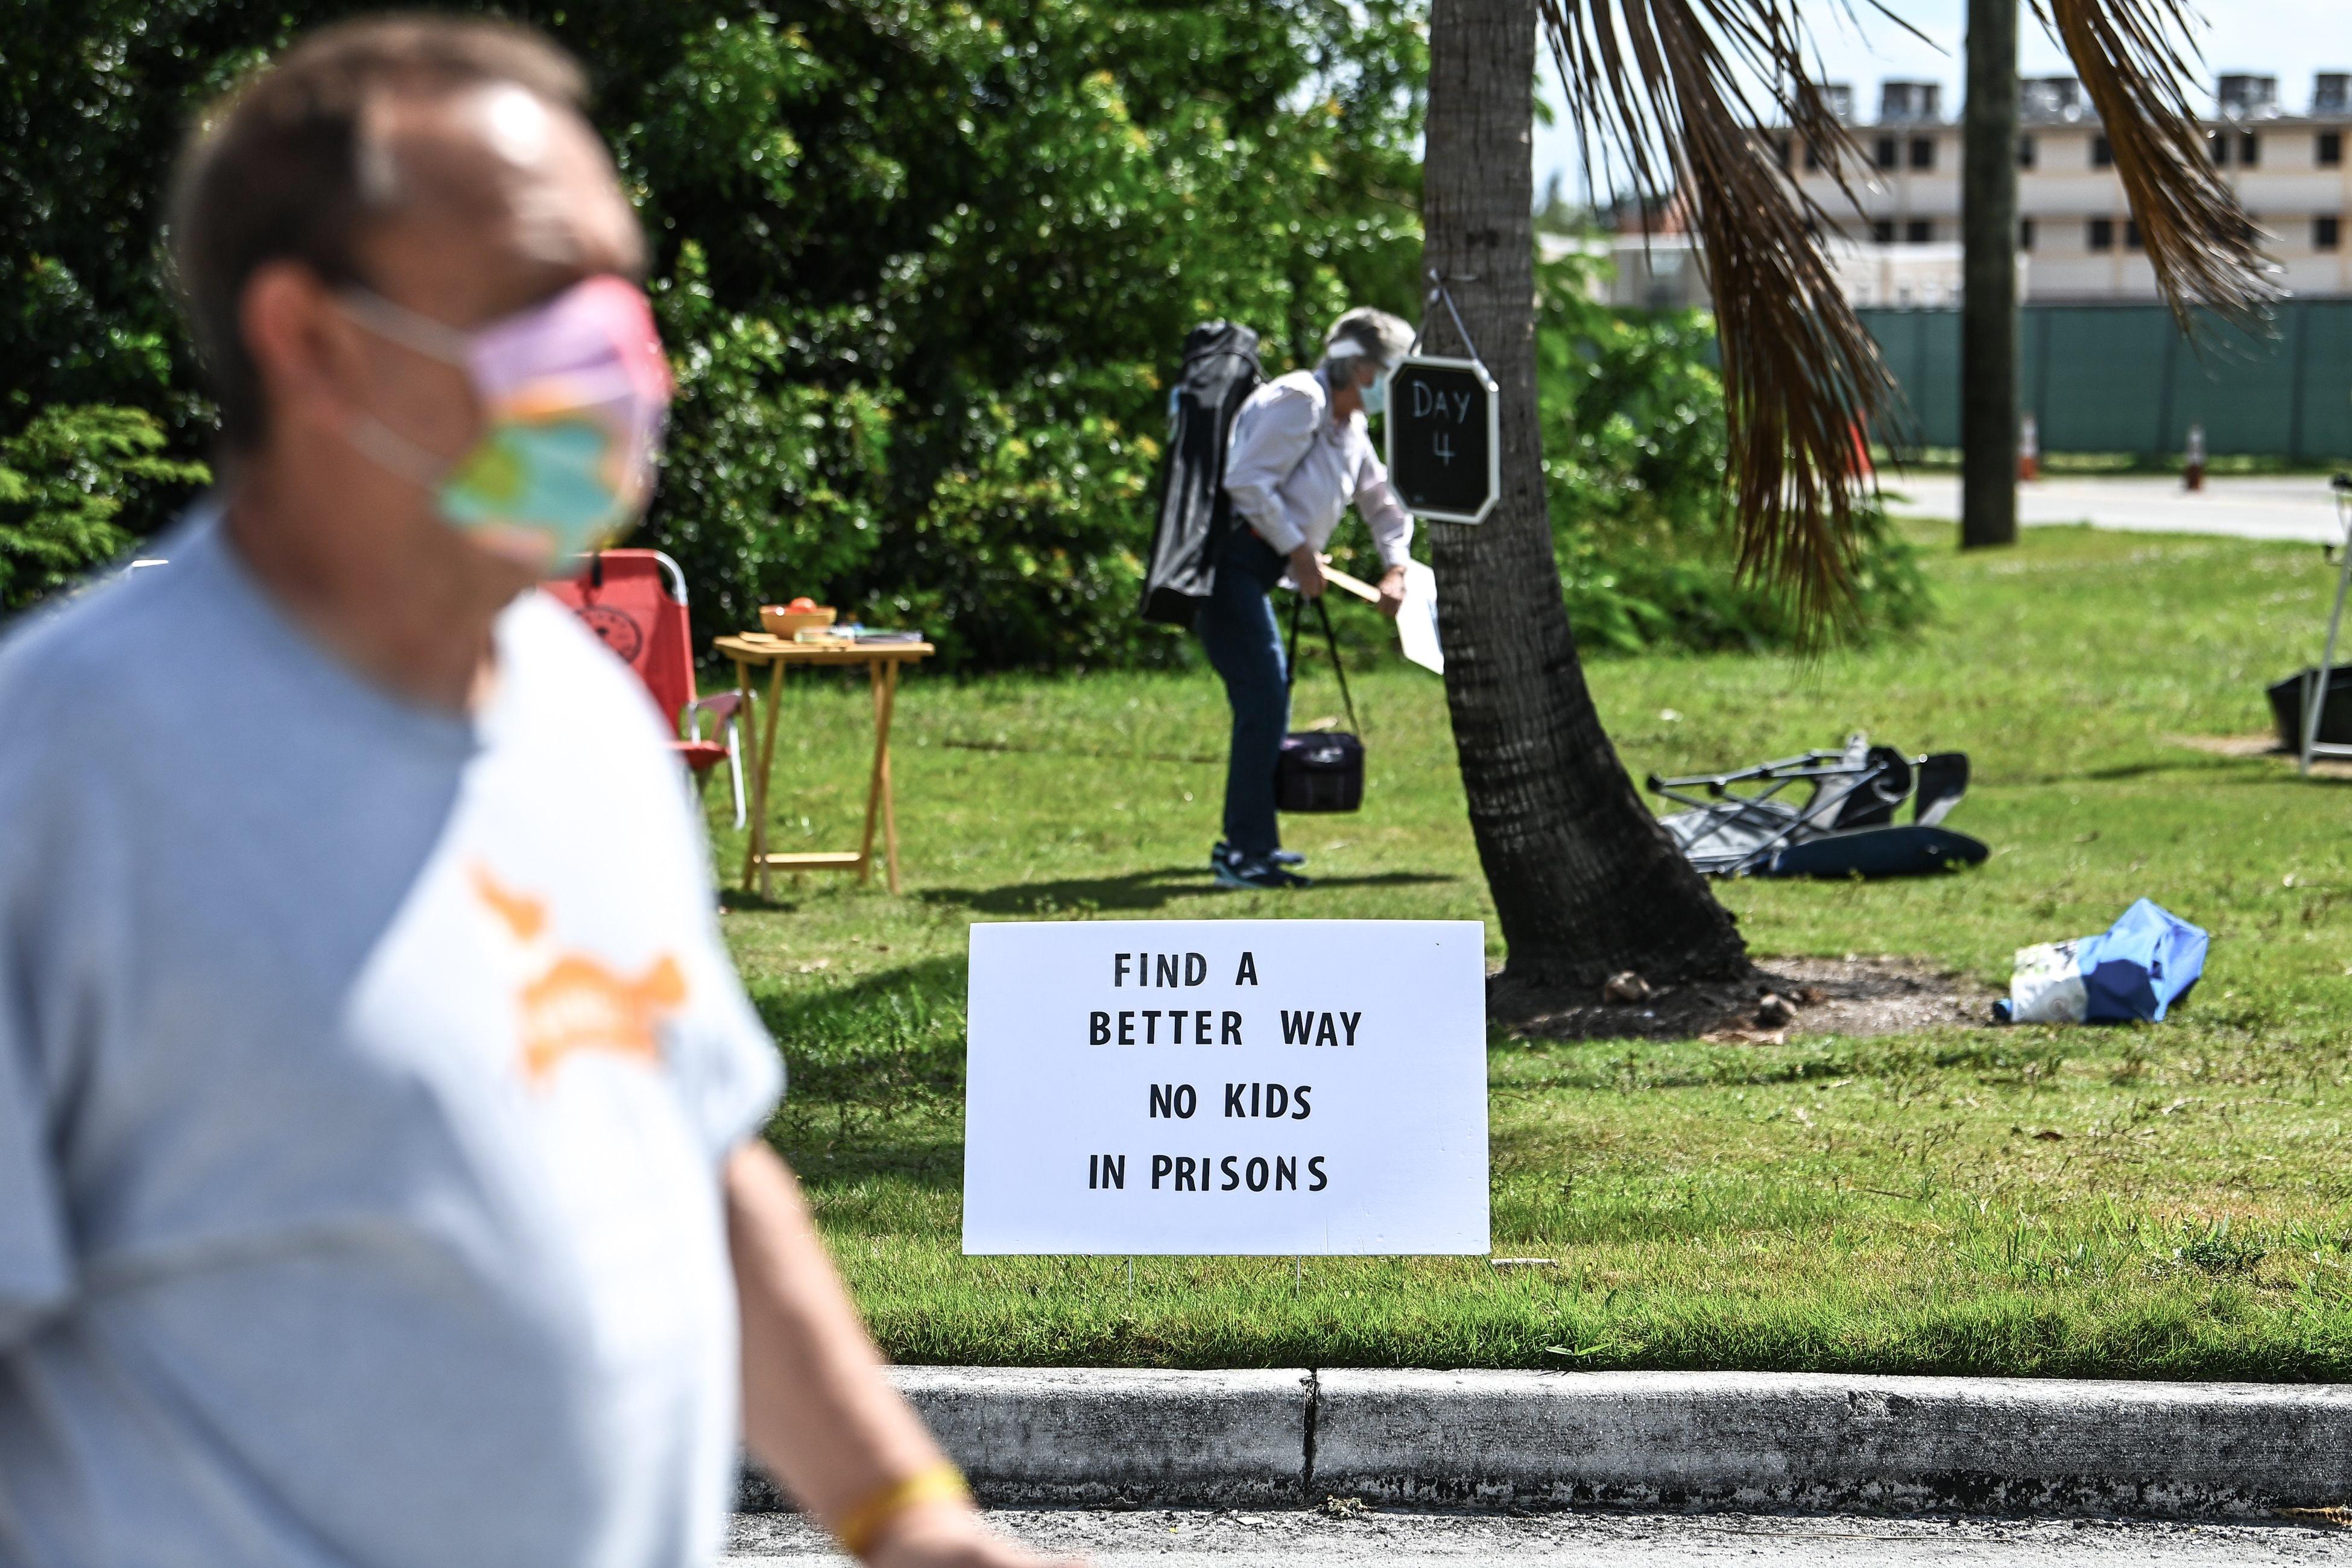 Los manifestantes protestan alrededor del Centro de Detención de Homestead, exigiendo el cierre del centro, el fin de la deportación de inmigrantes y la detención de niños inmigrantes el 4 de marzo de 2021, en Homestead, Florida.  (Foto de CHANDAN KHANNA / AFP) (Foto de CHANDAN KHANNA / AFP a través de Getty Images)